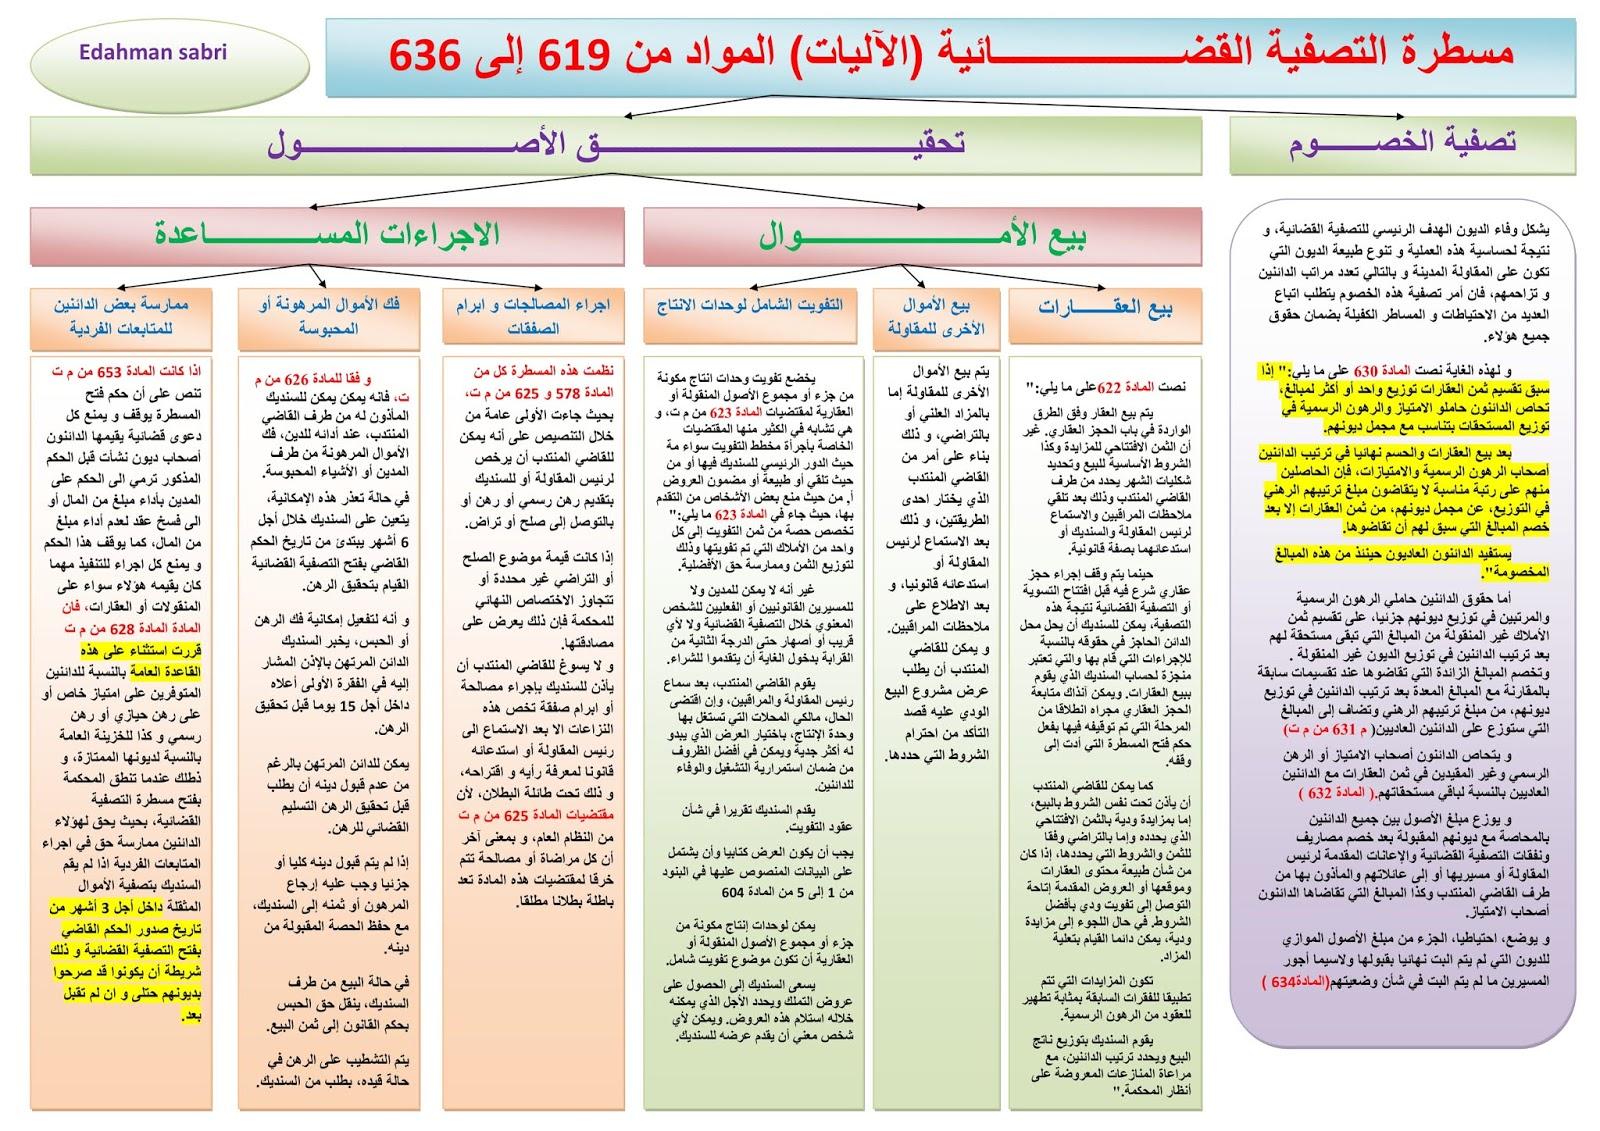 ملخص مادة صعوبات المقاولة الفصل الخامس - مسطرة التصفية القضائية